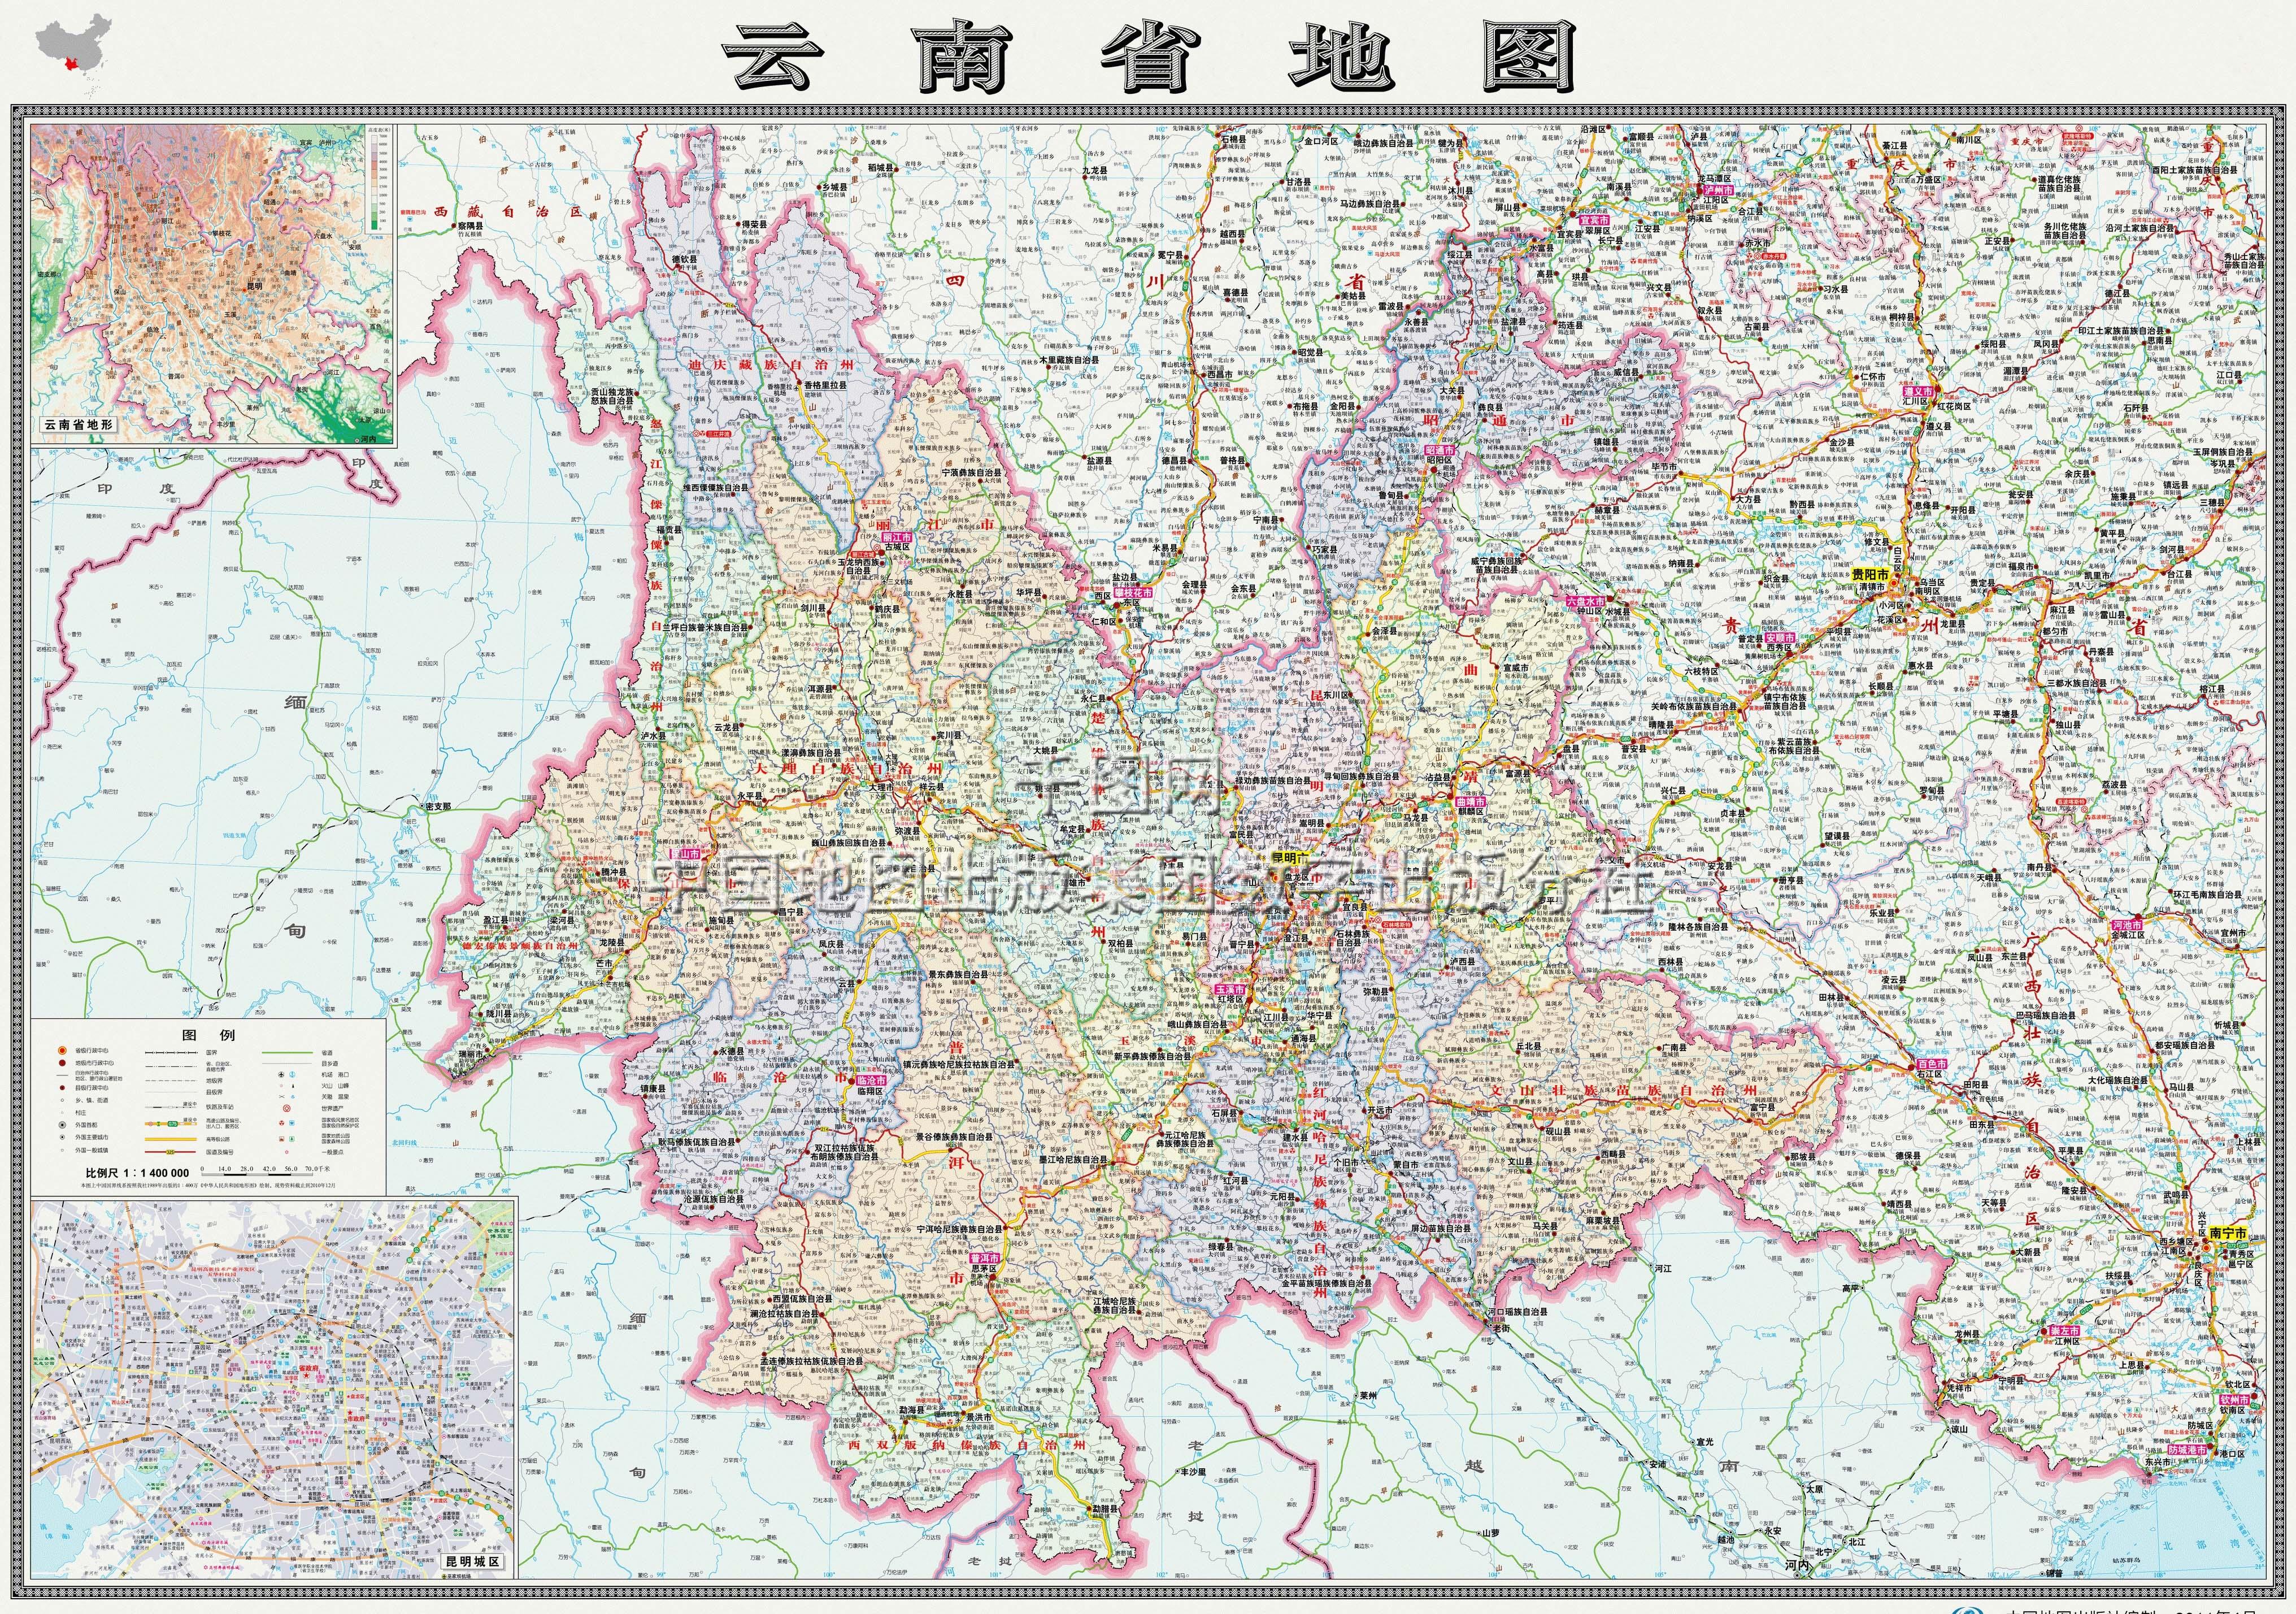 云南省地图全图_云南省地图高清版大图图片